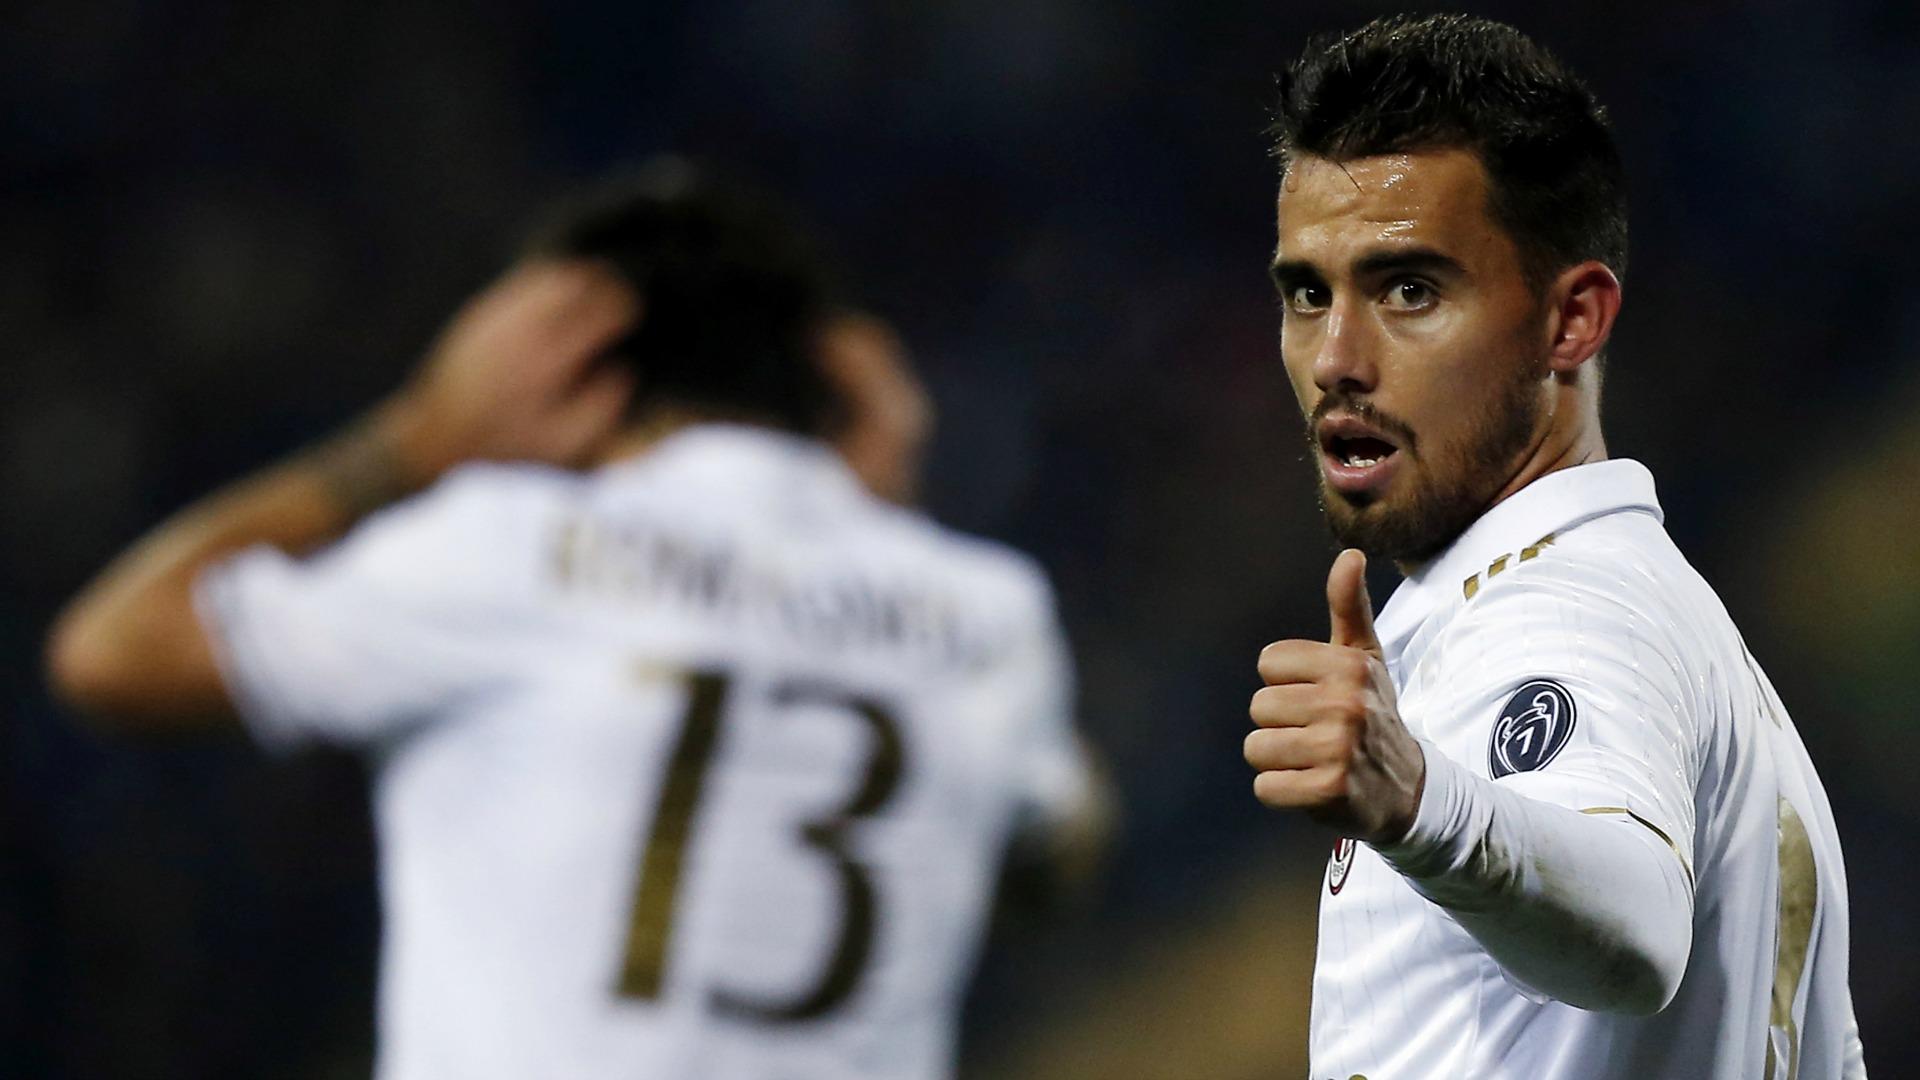 Video Gol Highlights Empoli-Milan 1-4: Montella secondo con la doppietta di Lapadula